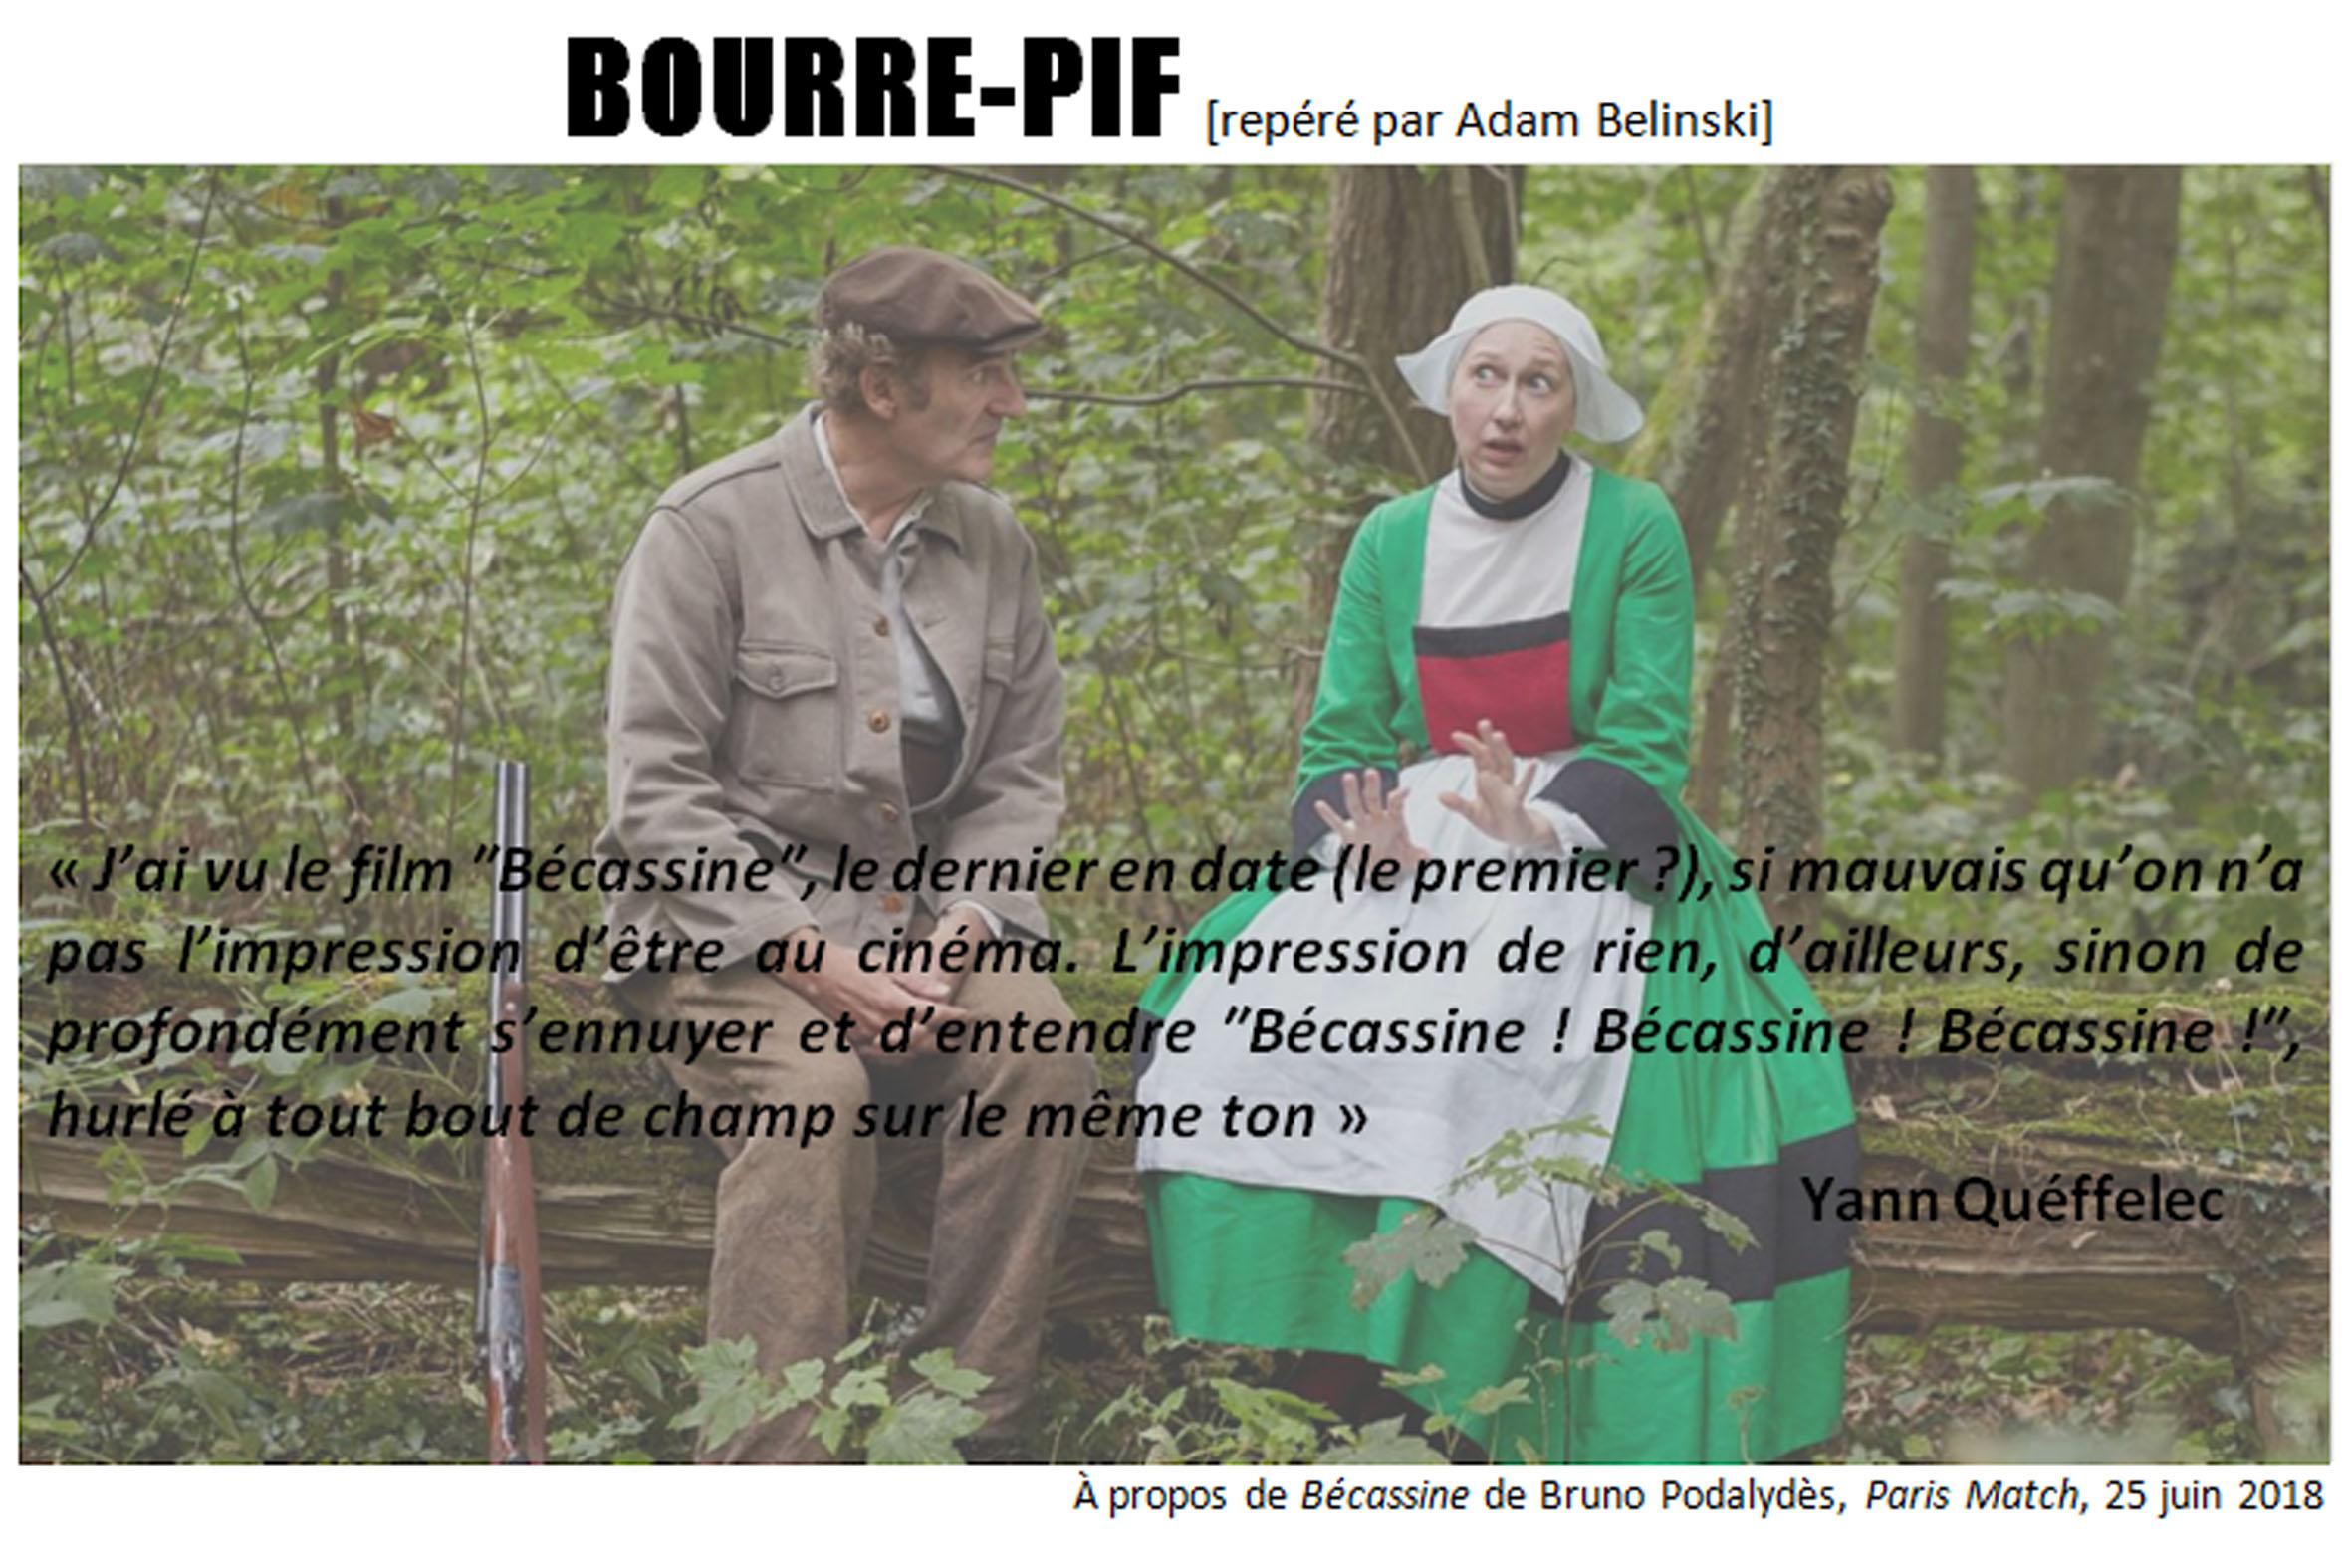 bourBecassinel